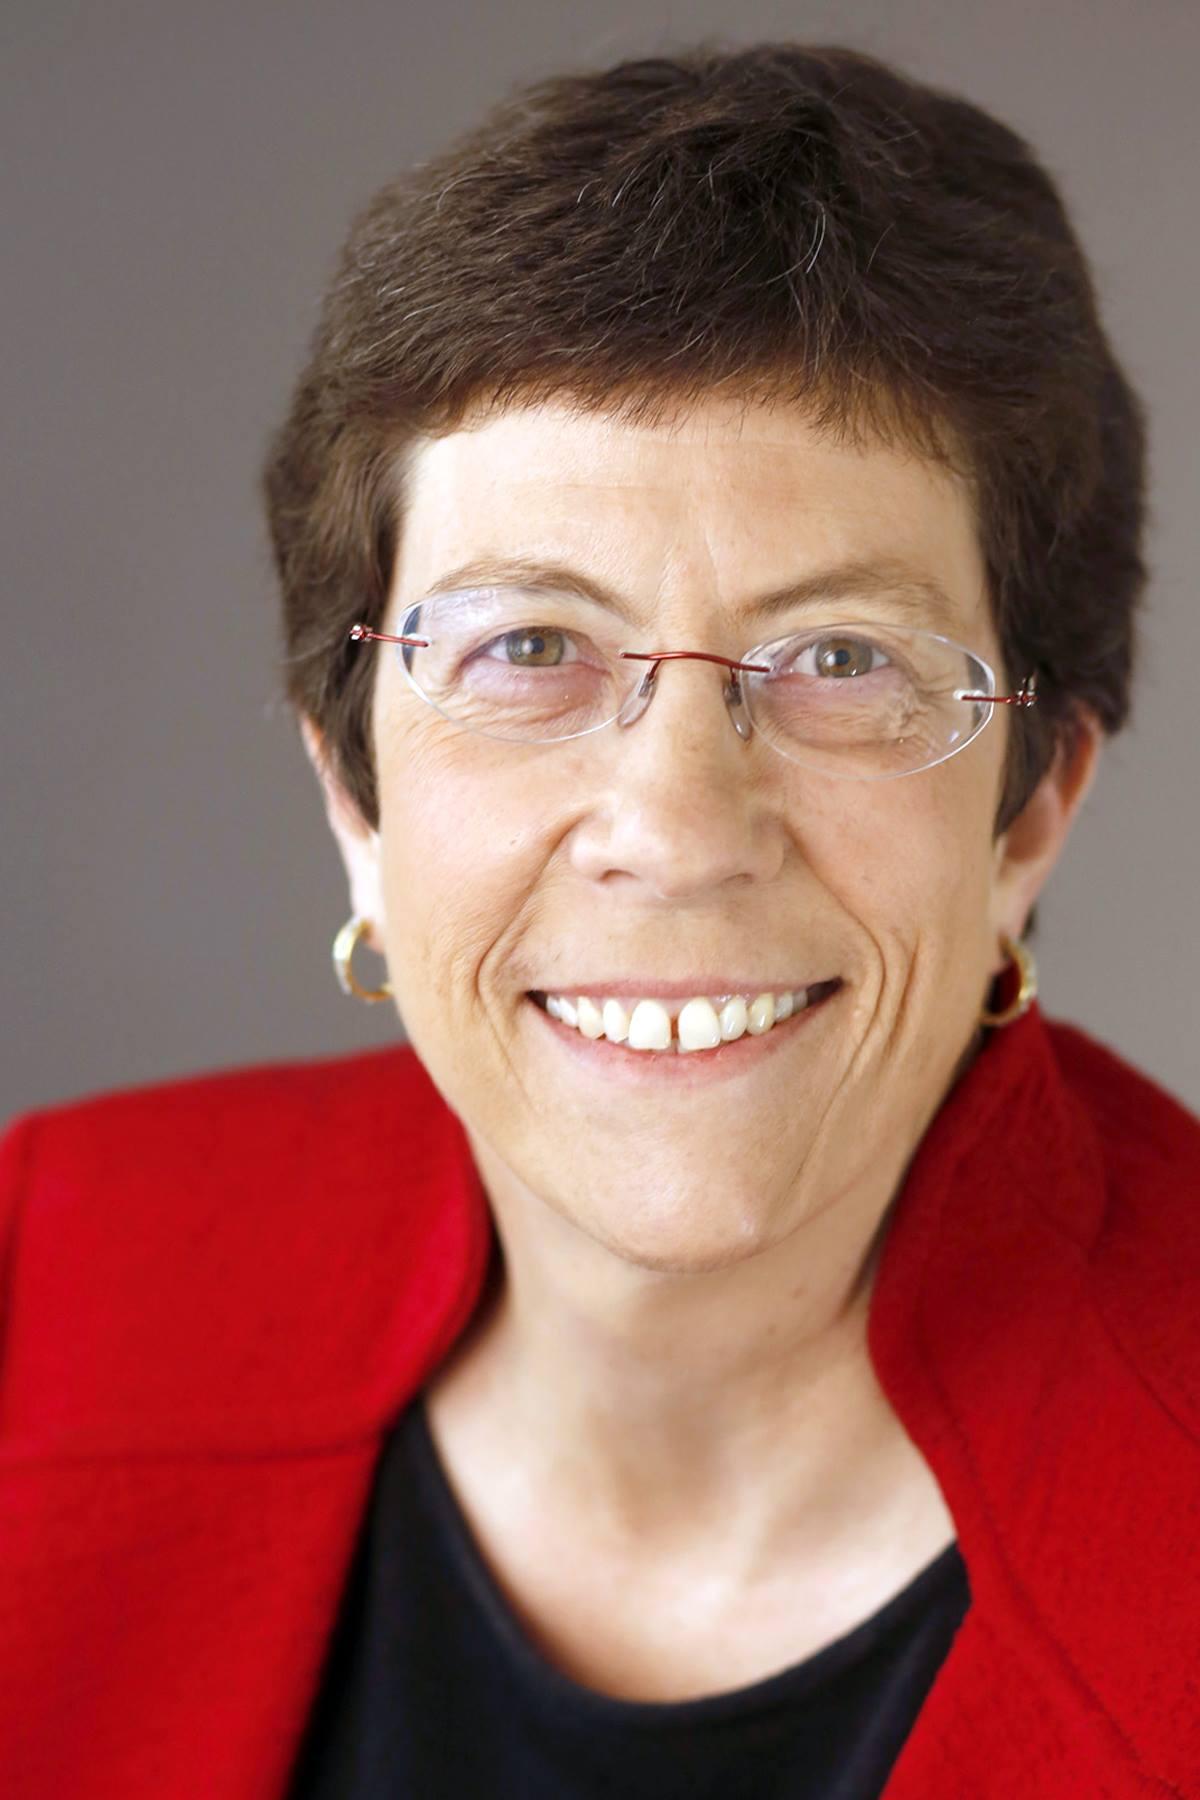 USC names interim Keck dean Laura Mosqueda following abrupt